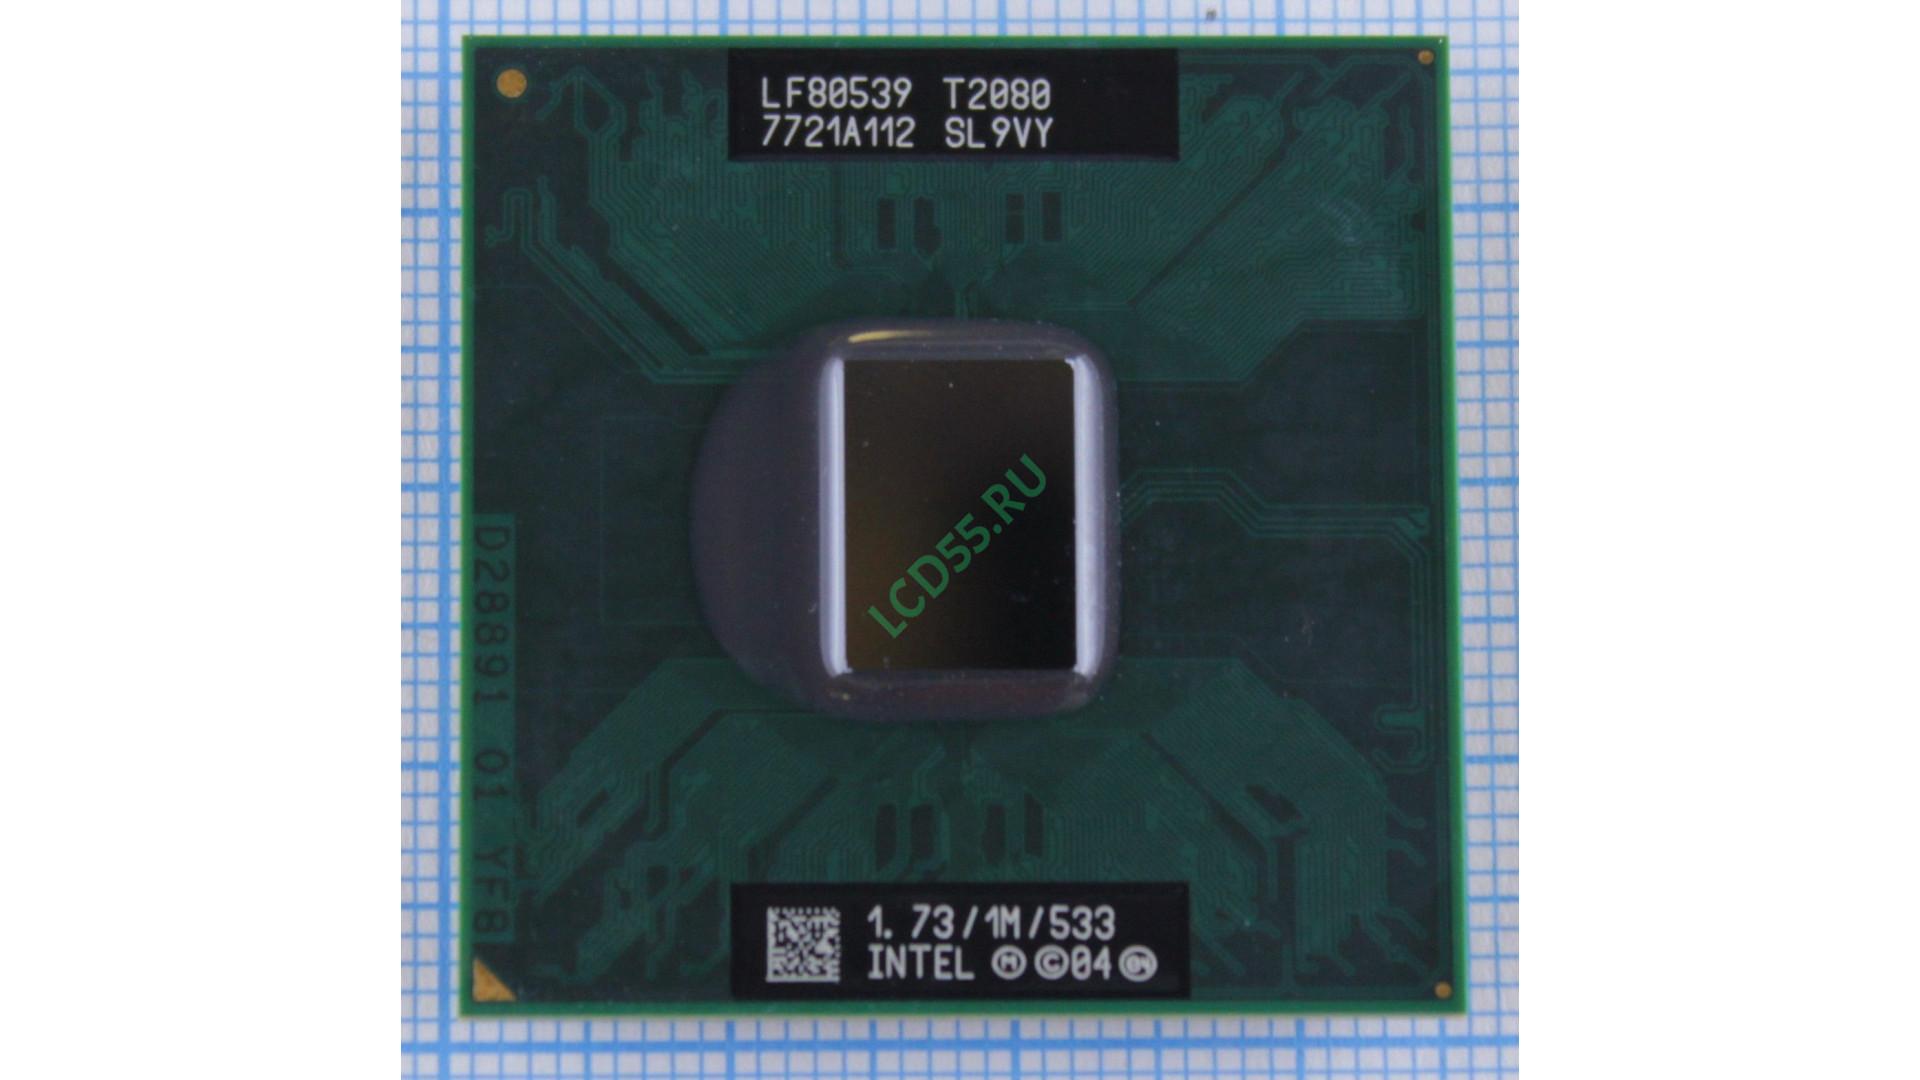 Intel T2080 SL9VY